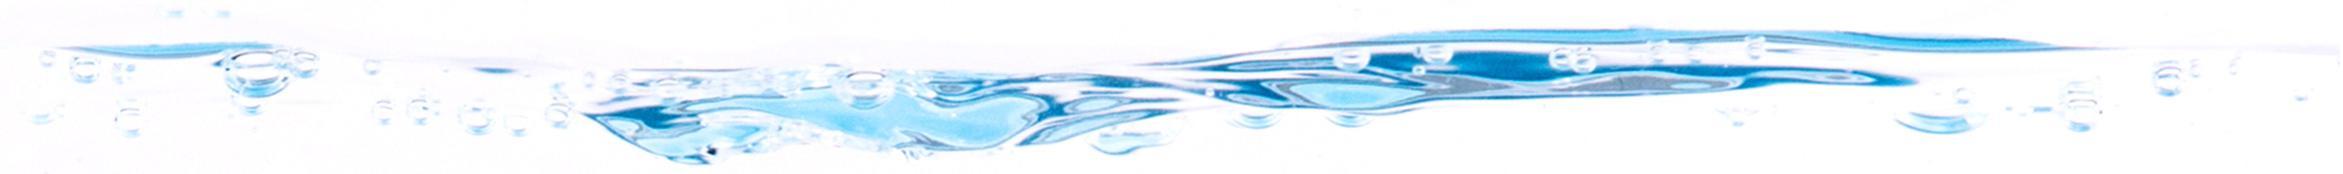 Une autre image avec de l'eau